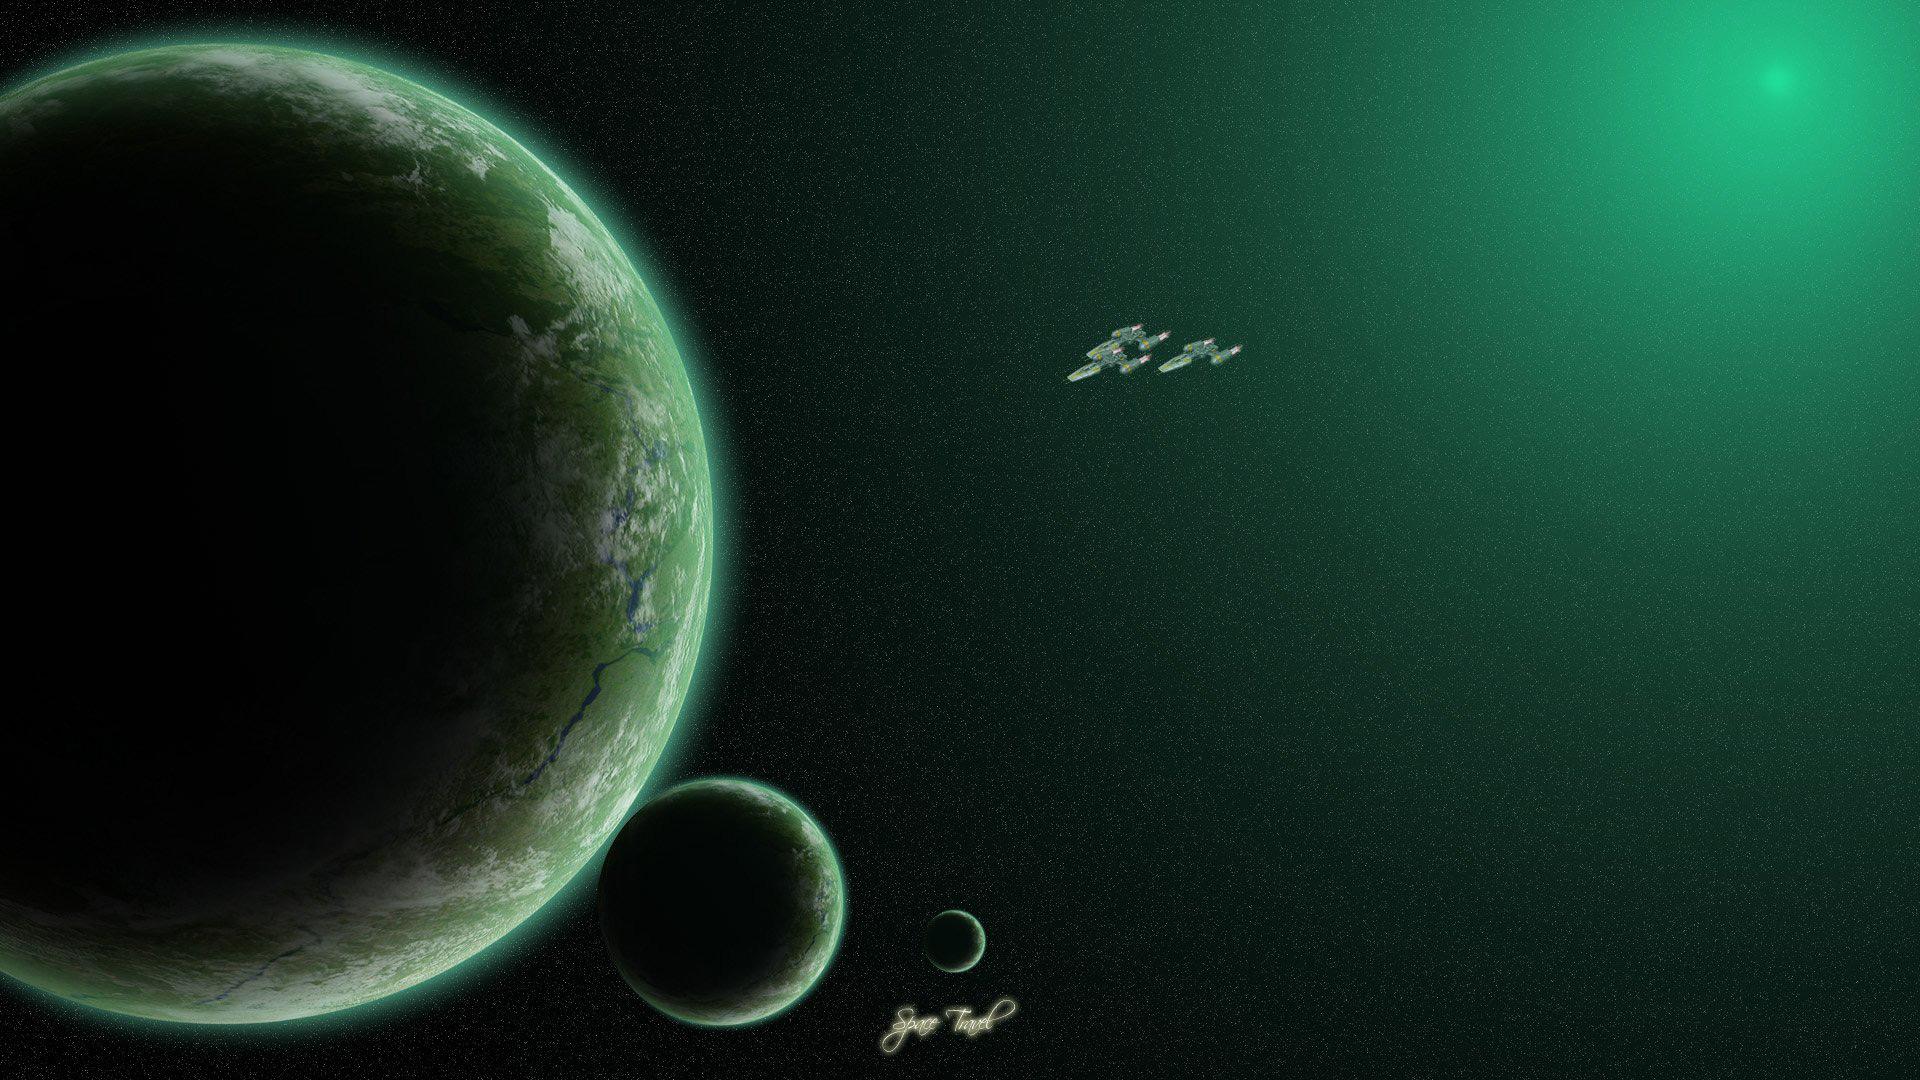 Обои планета земля из космоса вид